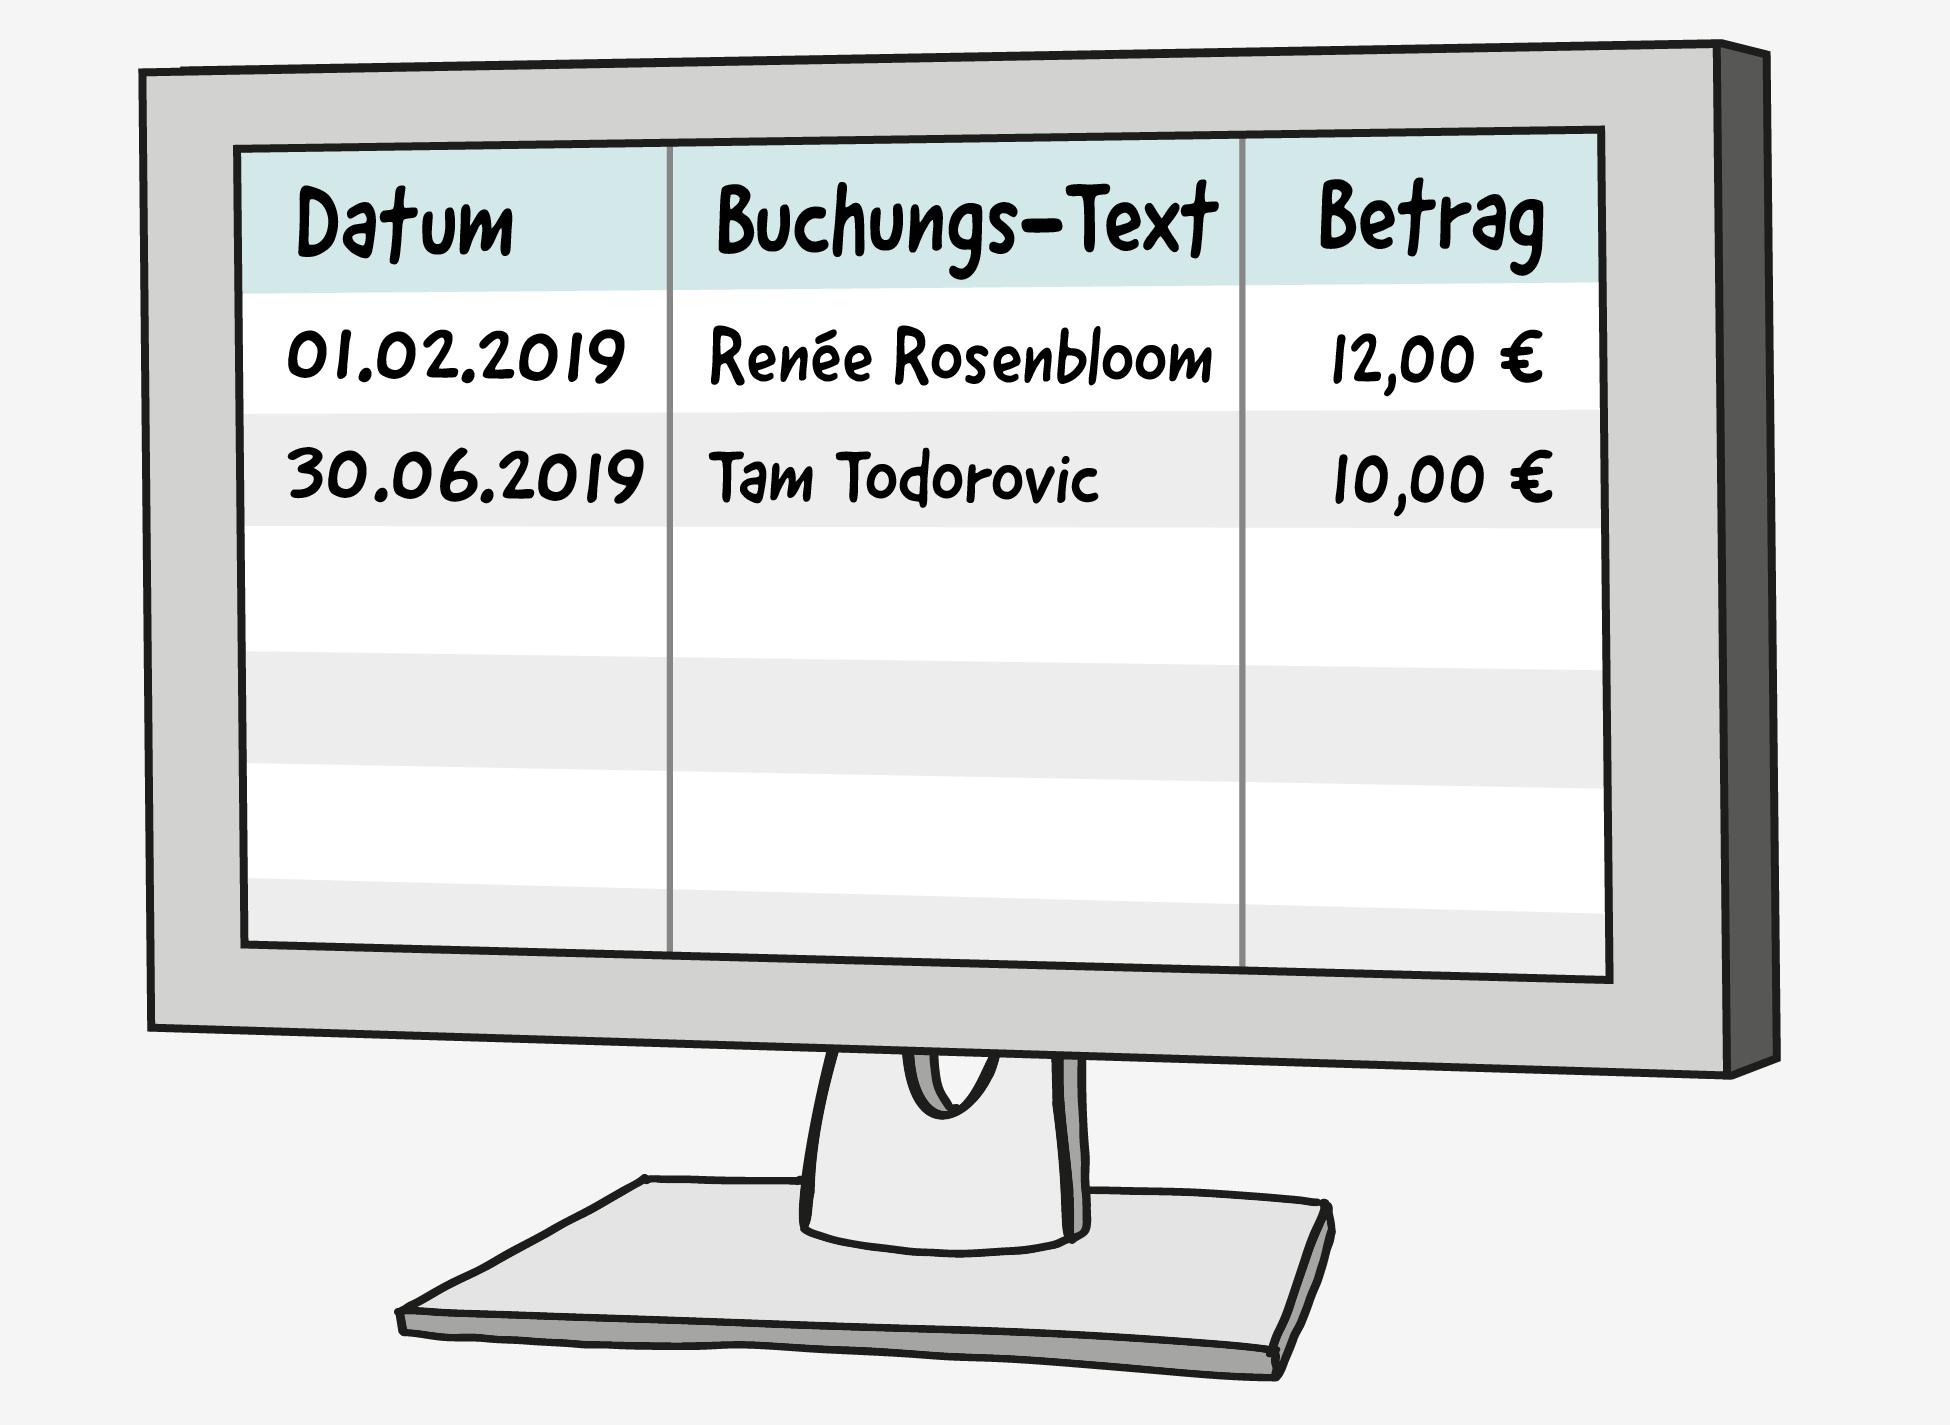 Ein Computer-Bildschirm zeigt ein Tabellen-Dokument mit 3 sichtbaren Spalten: Datum, Buchungs-Text und Betrag. In Zeile 1 steht als Datum: 01.02.2019, als Buchungstext: Renée Rosenbloom, und als Betrag: 12 Euro. In Zeile 2 steht als Datum: 30.06.2019, als Buchungs-Text: Tam Todorovic, und als Betrag: 10 Euro. Die Felder in Zeile 3 bis 6 sind leer.